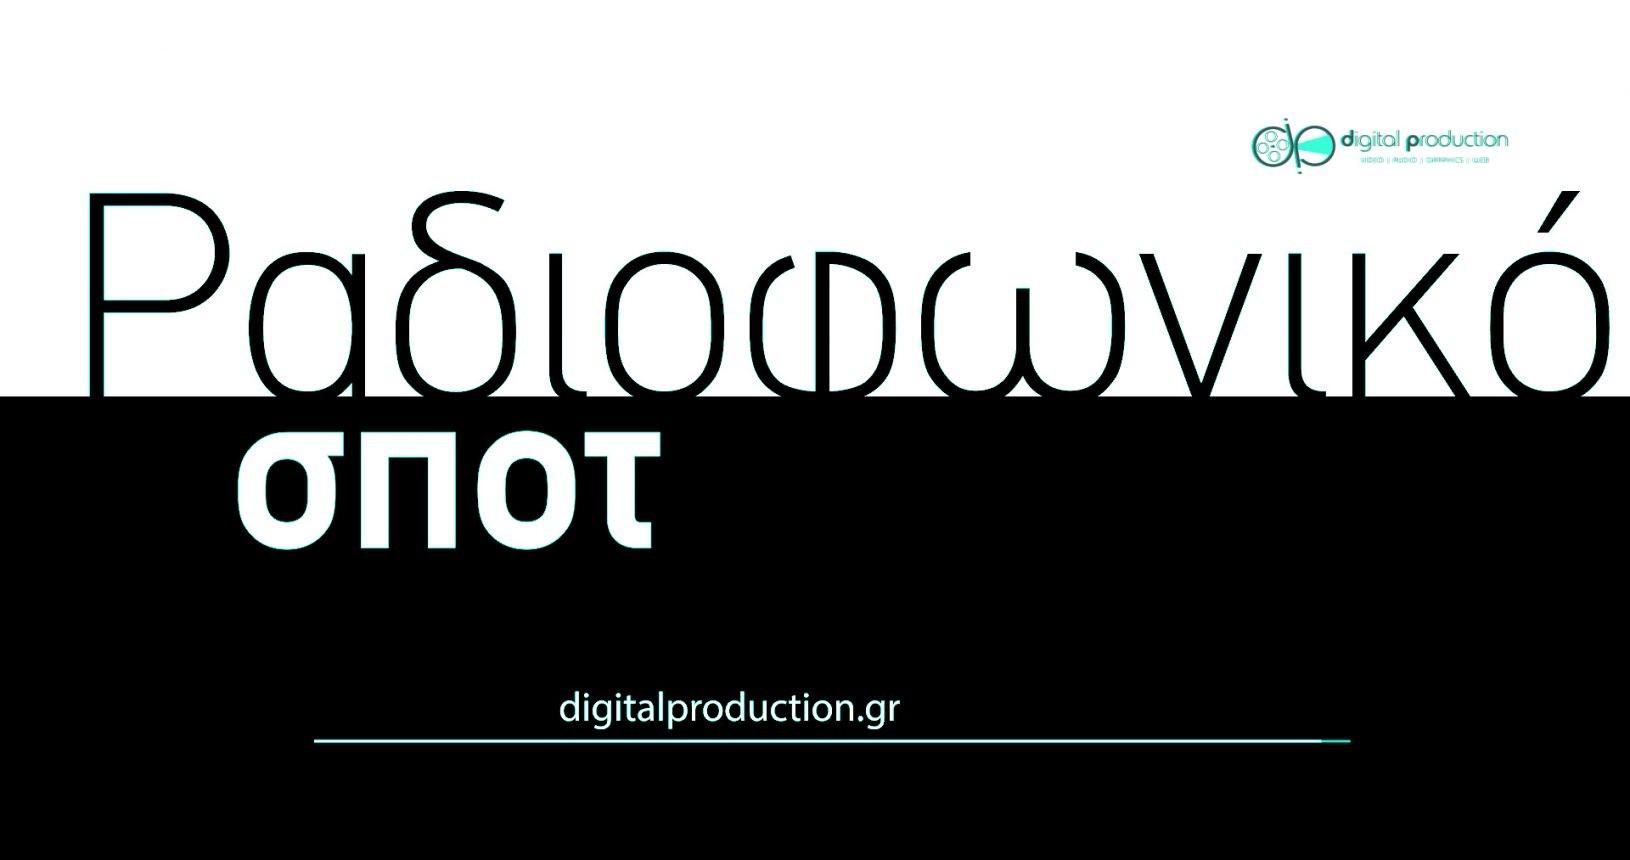 Δημιουργία ραδιοφωνικού σποτ | Digital Production